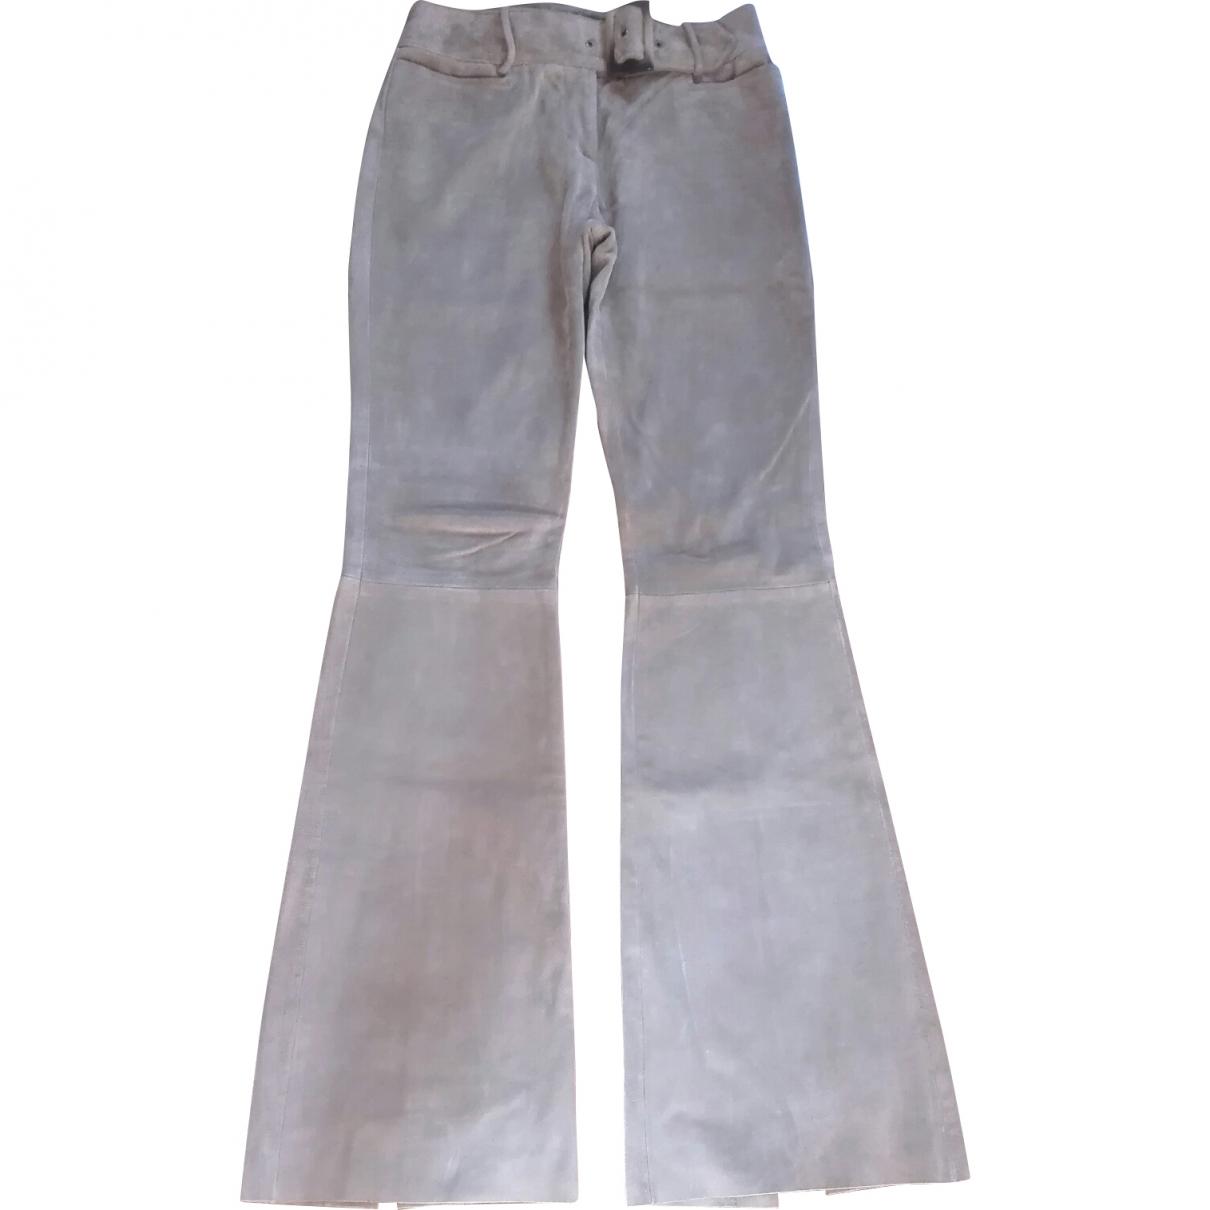 D&g \N Beige Suede Trousers for Women 38 IT